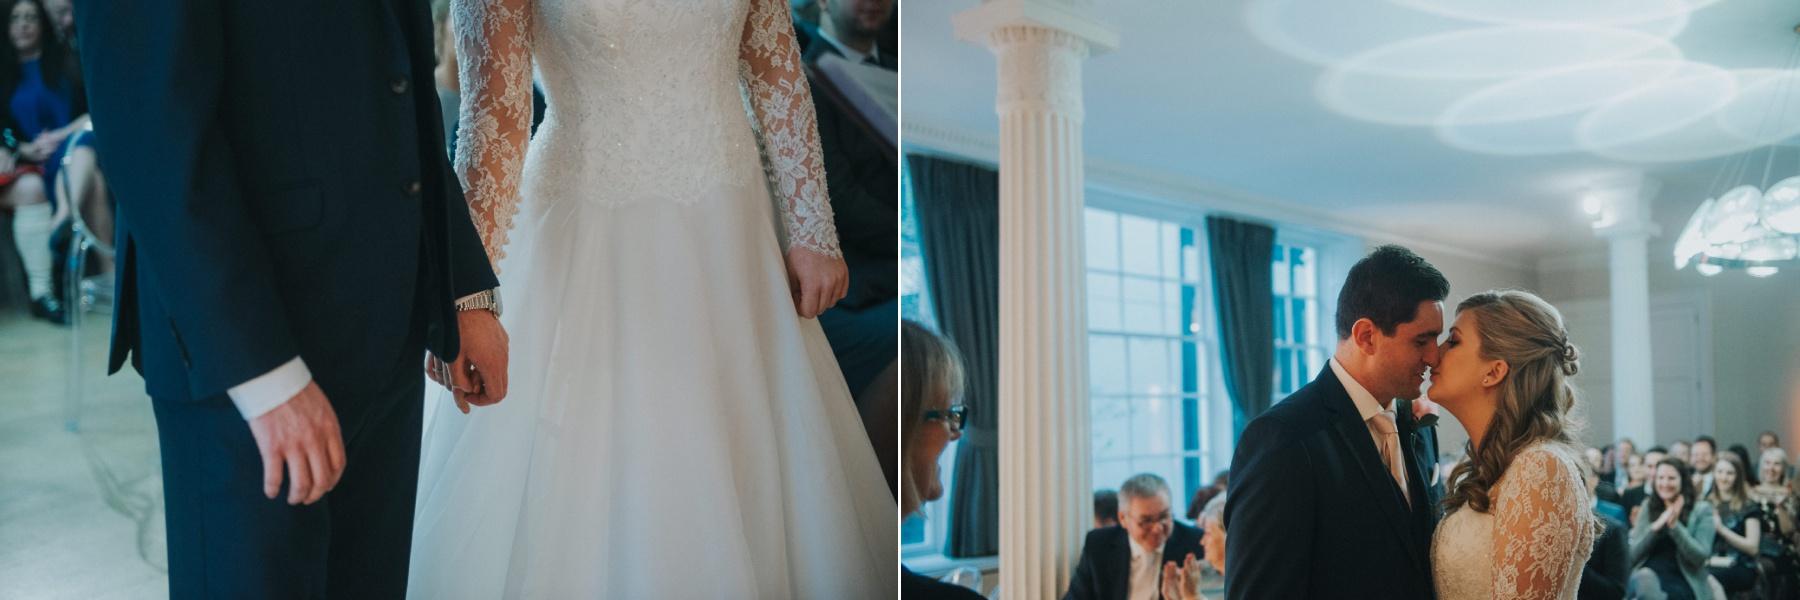 RSA wedding venue